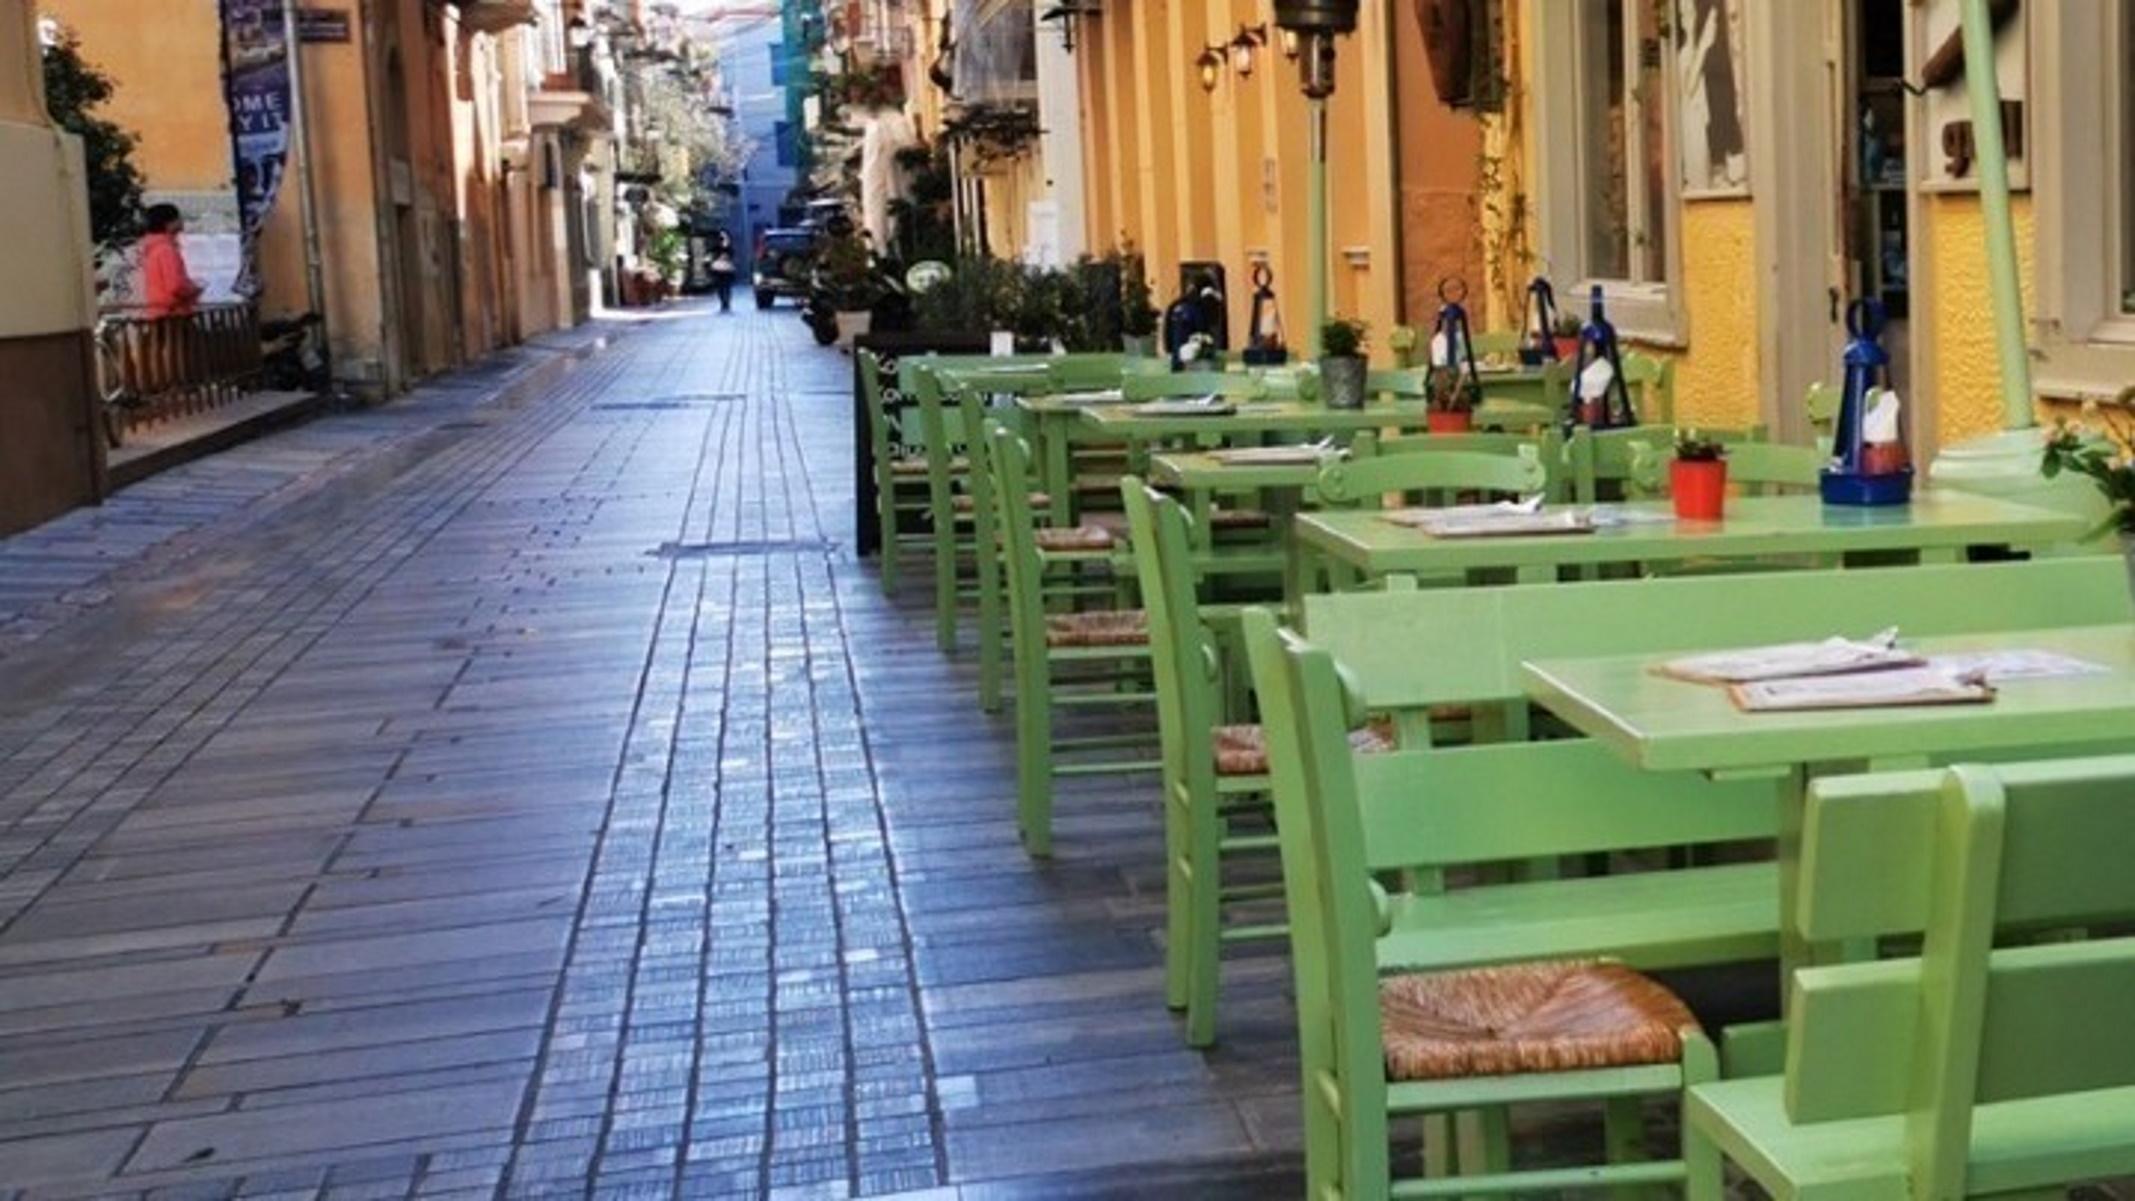 Θεσσαλονίκη: Αλαλούμ με το τι ισχύει για τη μουσική στην εστίαση (video)